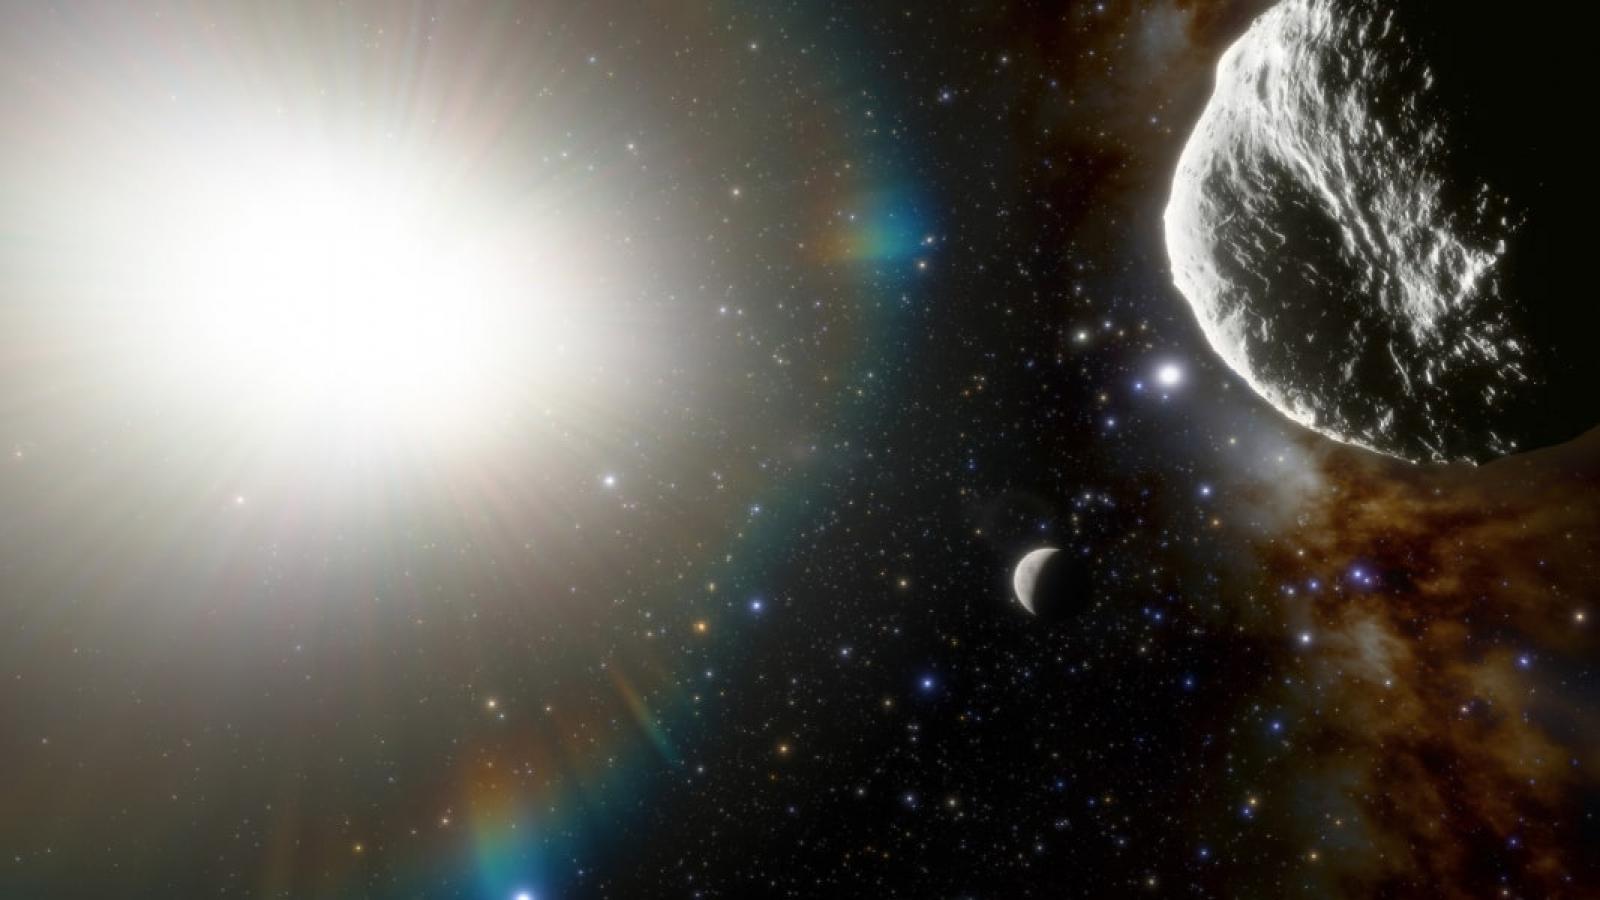 Những hình ảnh ấn tượng cho thấy vẻ đẹp và sự bí ẩn của vũ trụ